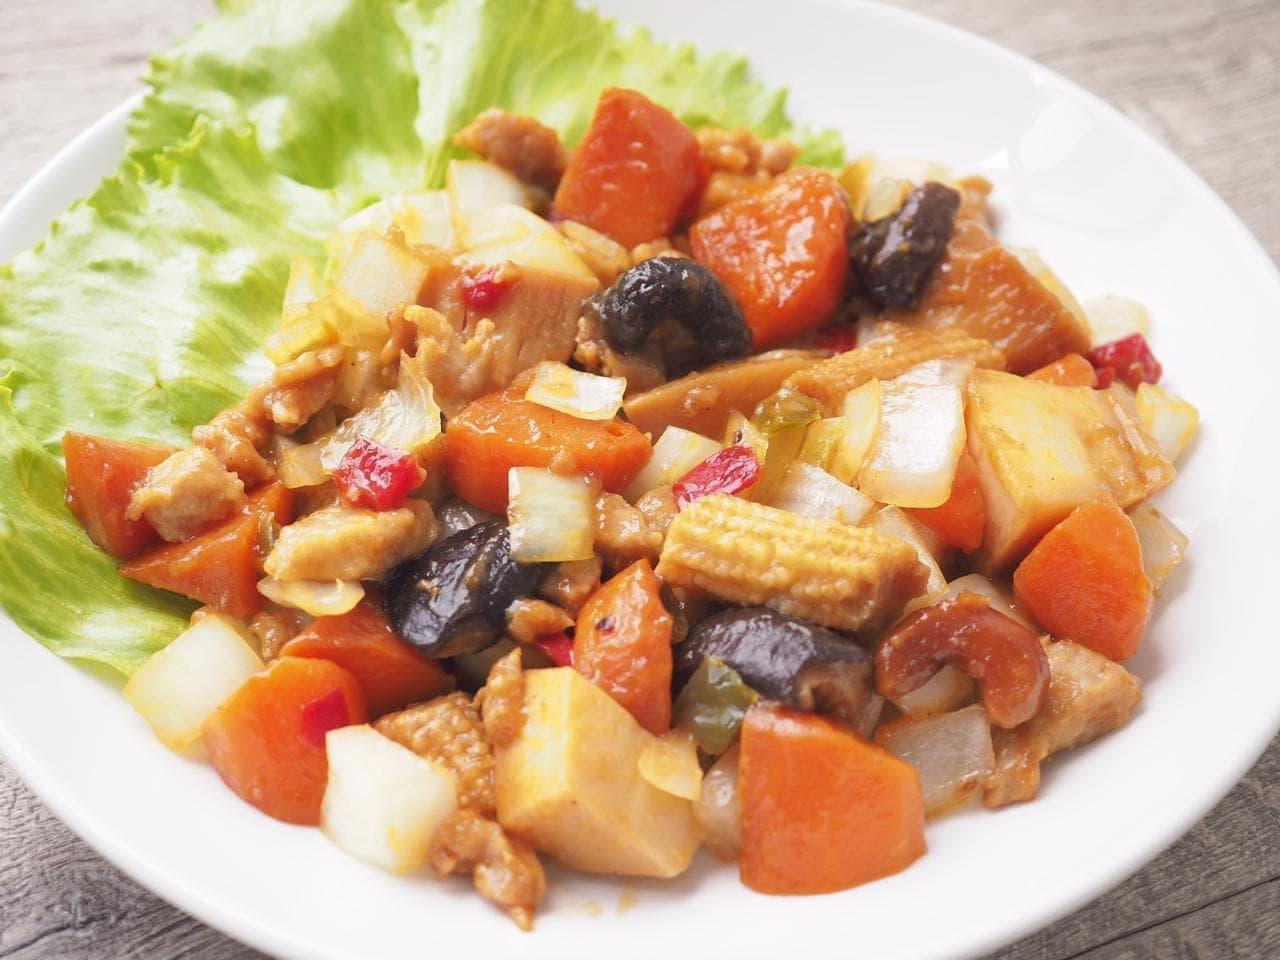 イトーヨーカドー「シェフズレシピ」の「鶏肉とカシューナッツの炒め物」